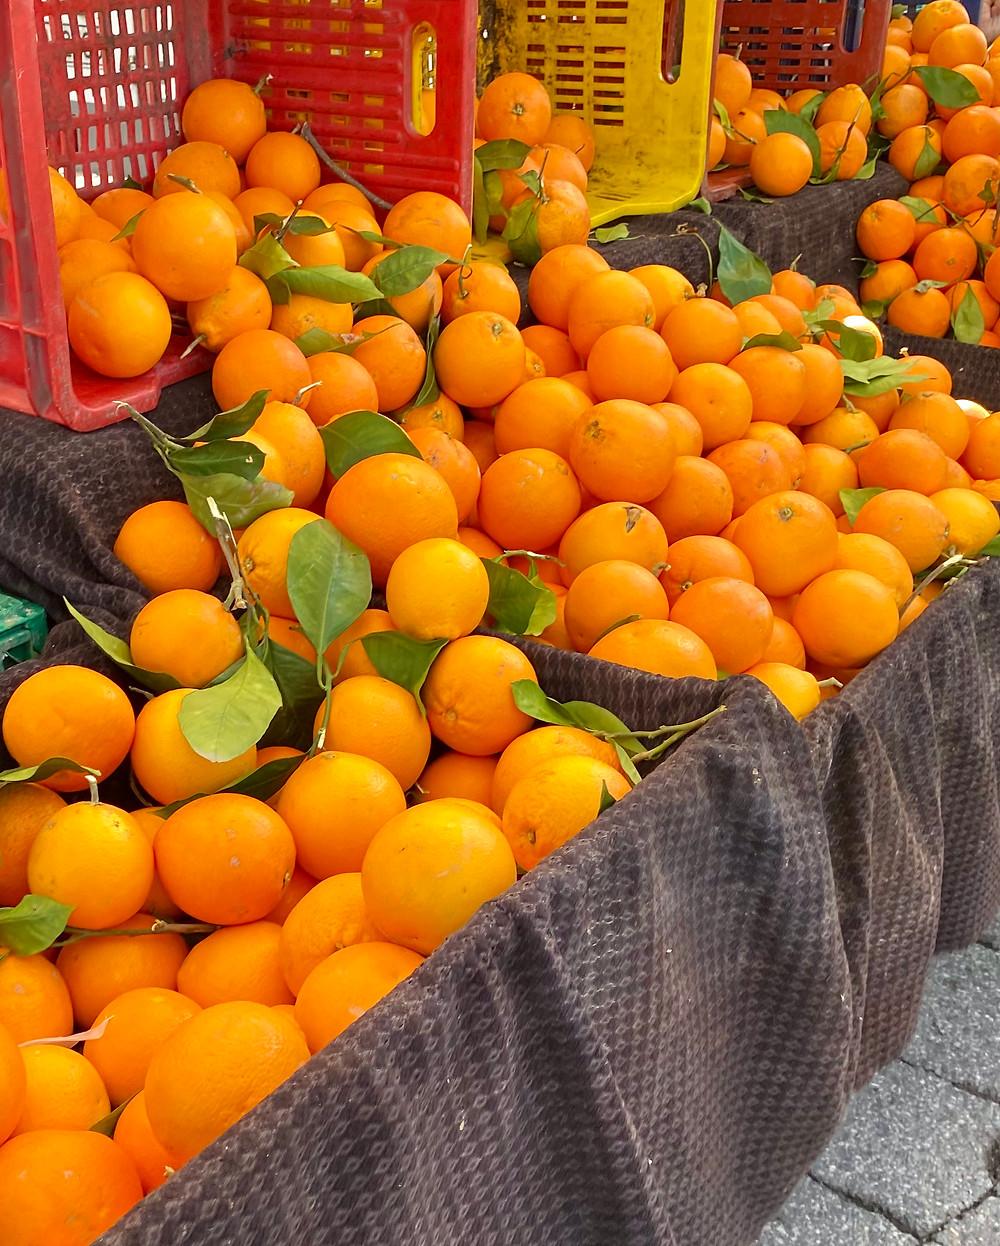 sicily-blood-oranges-varieties